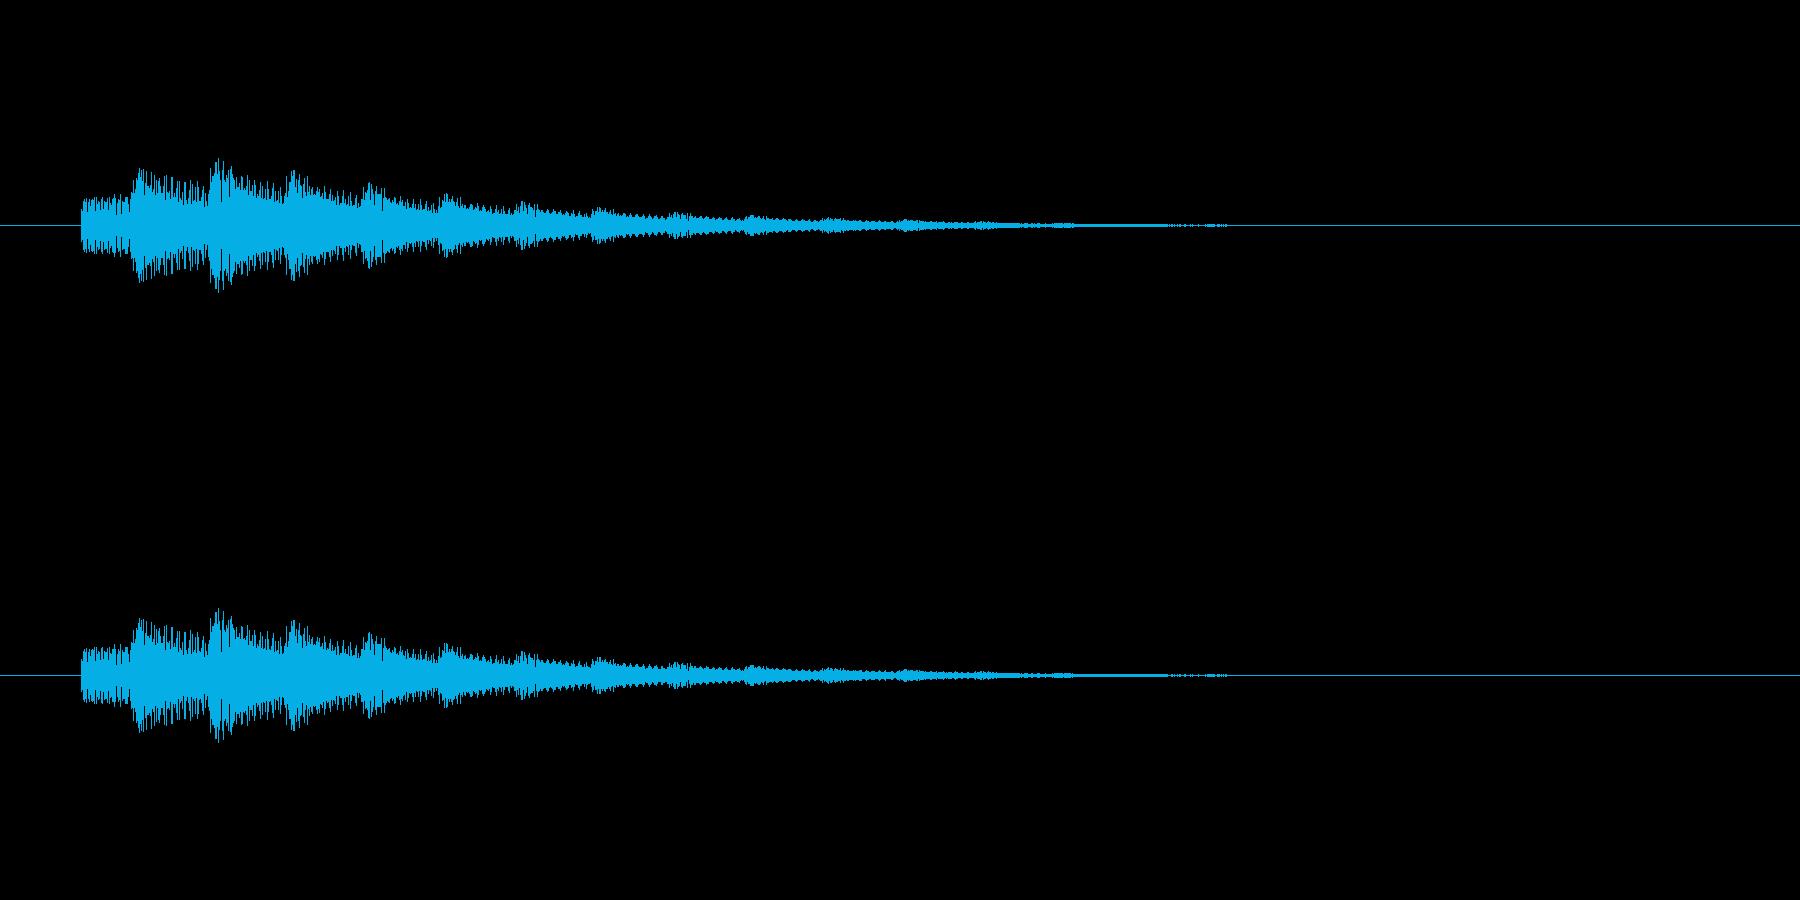 【アクセント17-2】の再生済みの波形